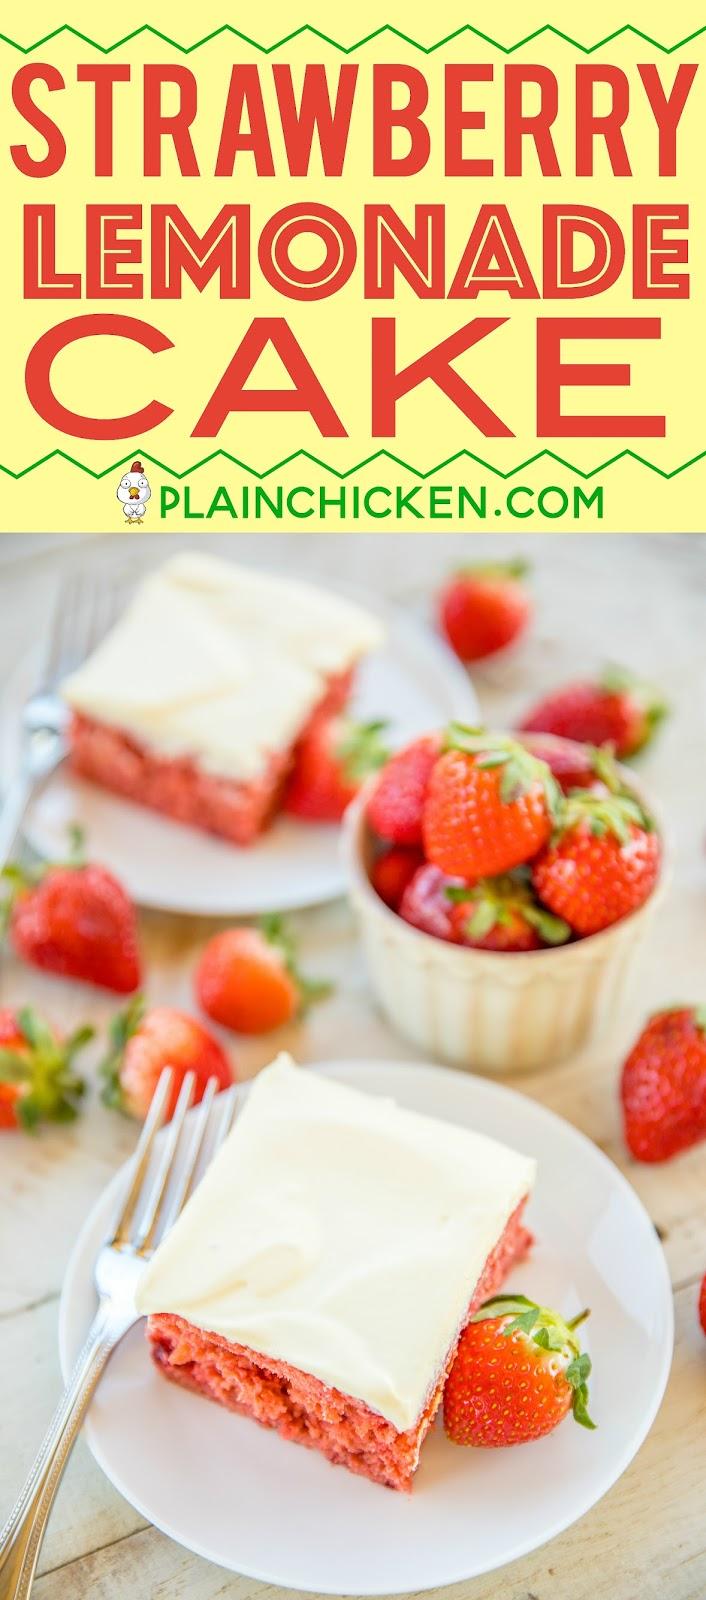 Strawberry Lemonade Cake Pop Recipe